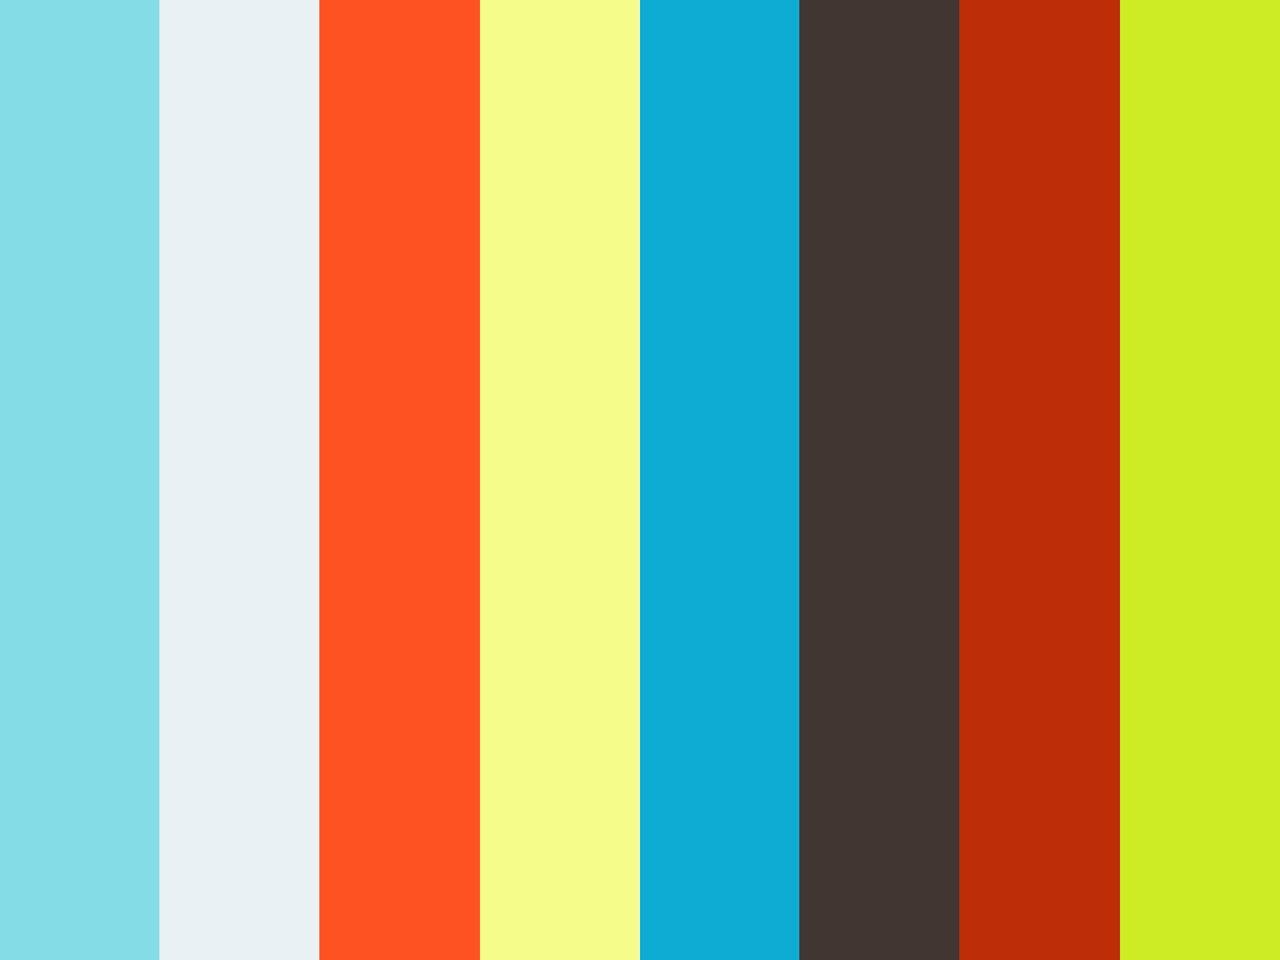 CG Generalist / Lighting / Compositing - Showreel 2017